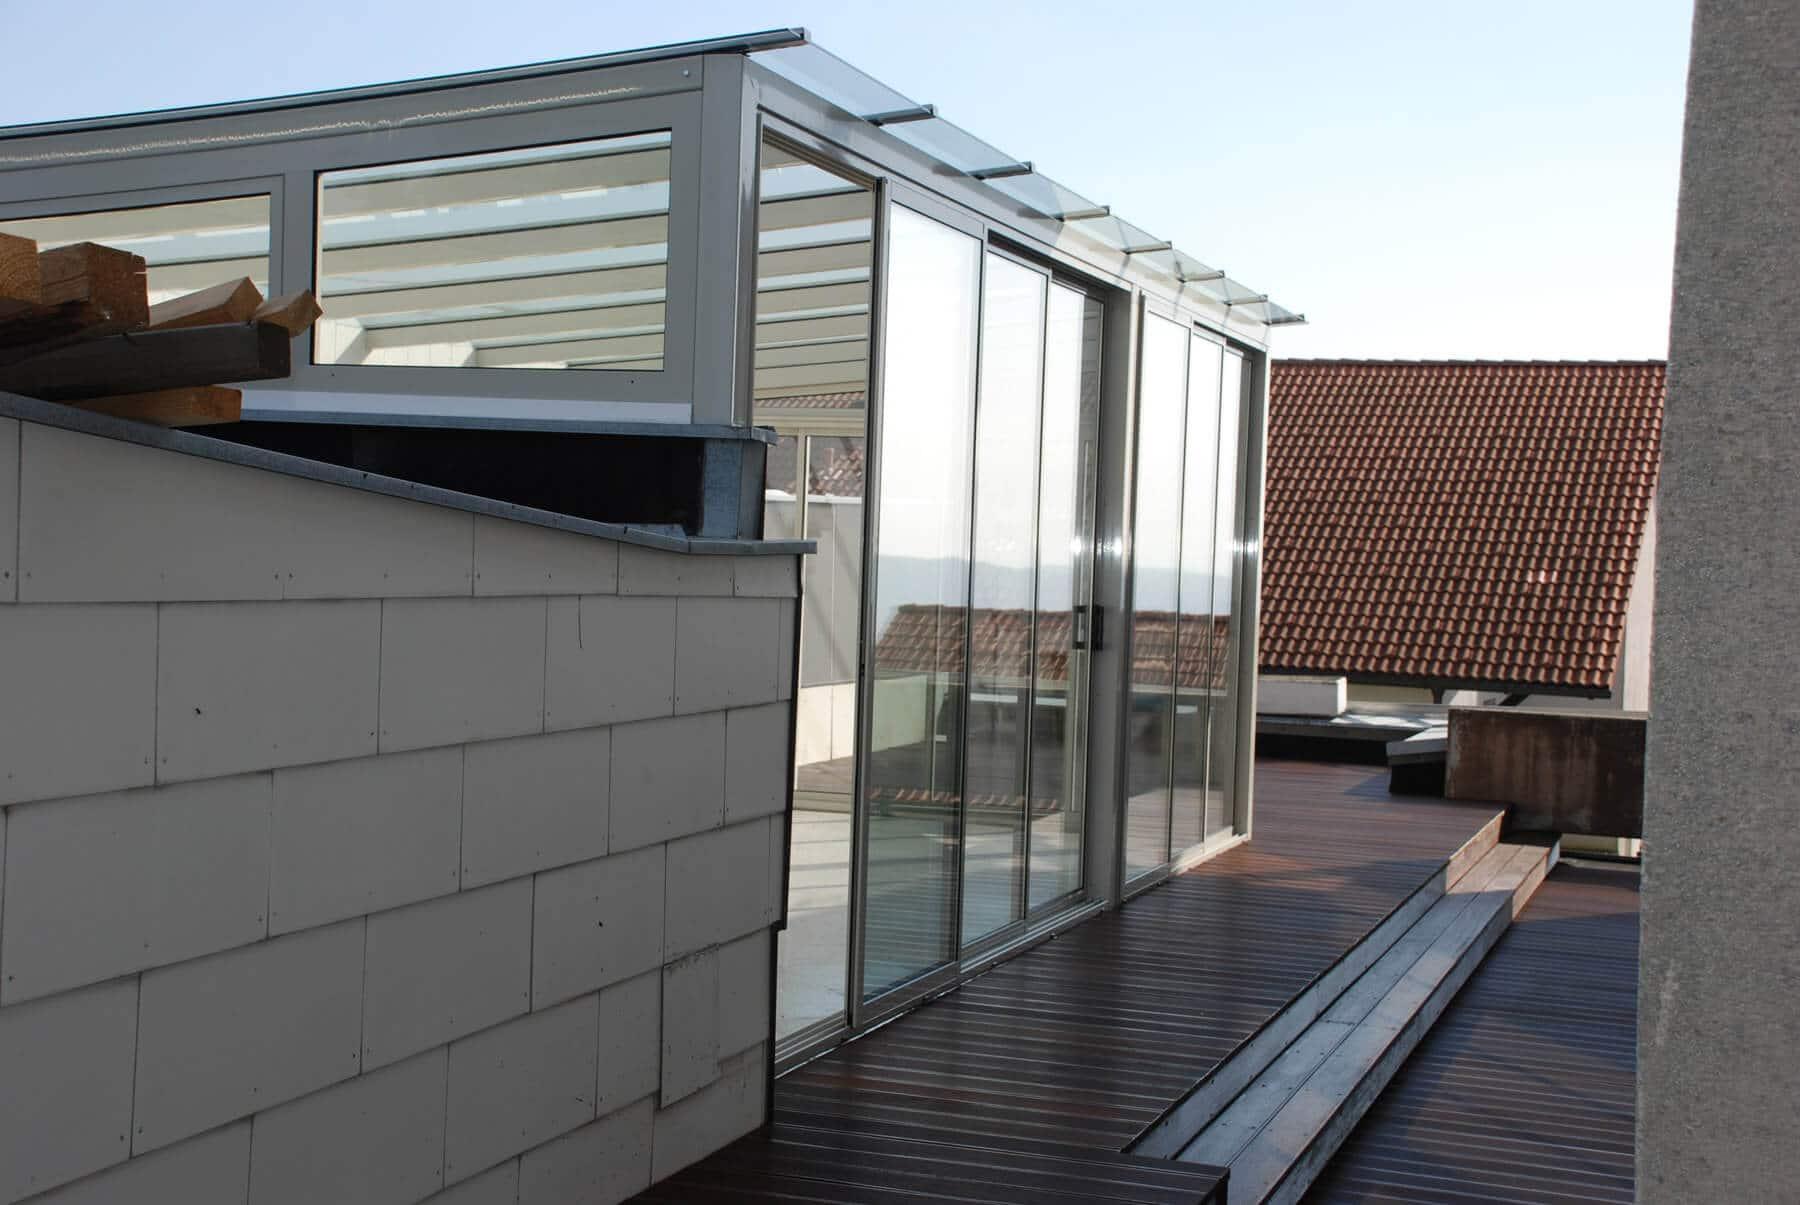 Hochwertige Terrassenüberdachung mit seitlichen Verglasungen